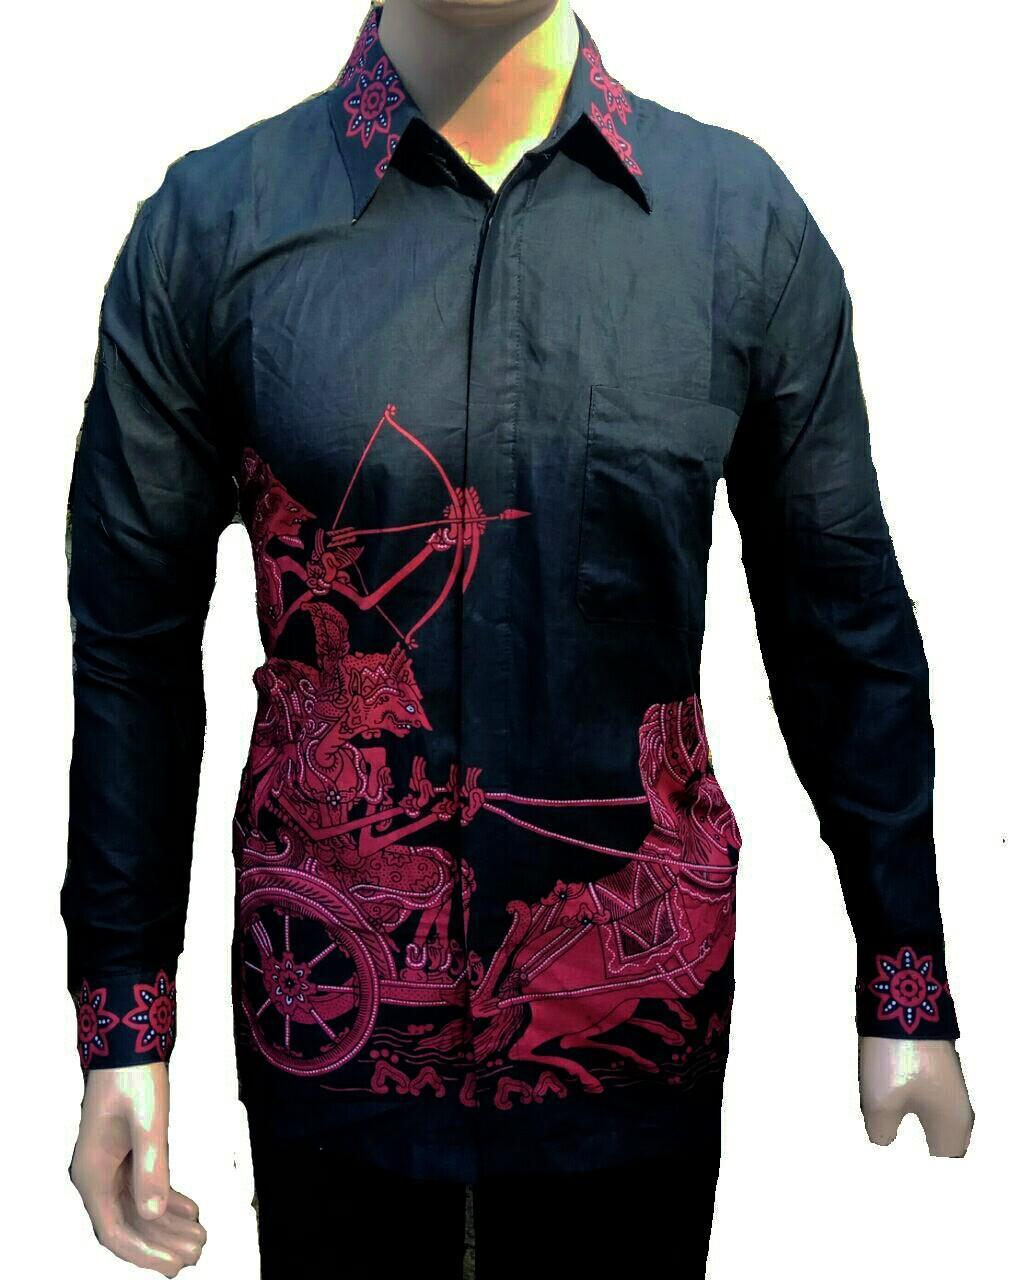 Jual Baju Batik pria lengan panjang Kemeja Batik Pria Lengan Panjang Kemeja  Batik Pekalongan 832b616071